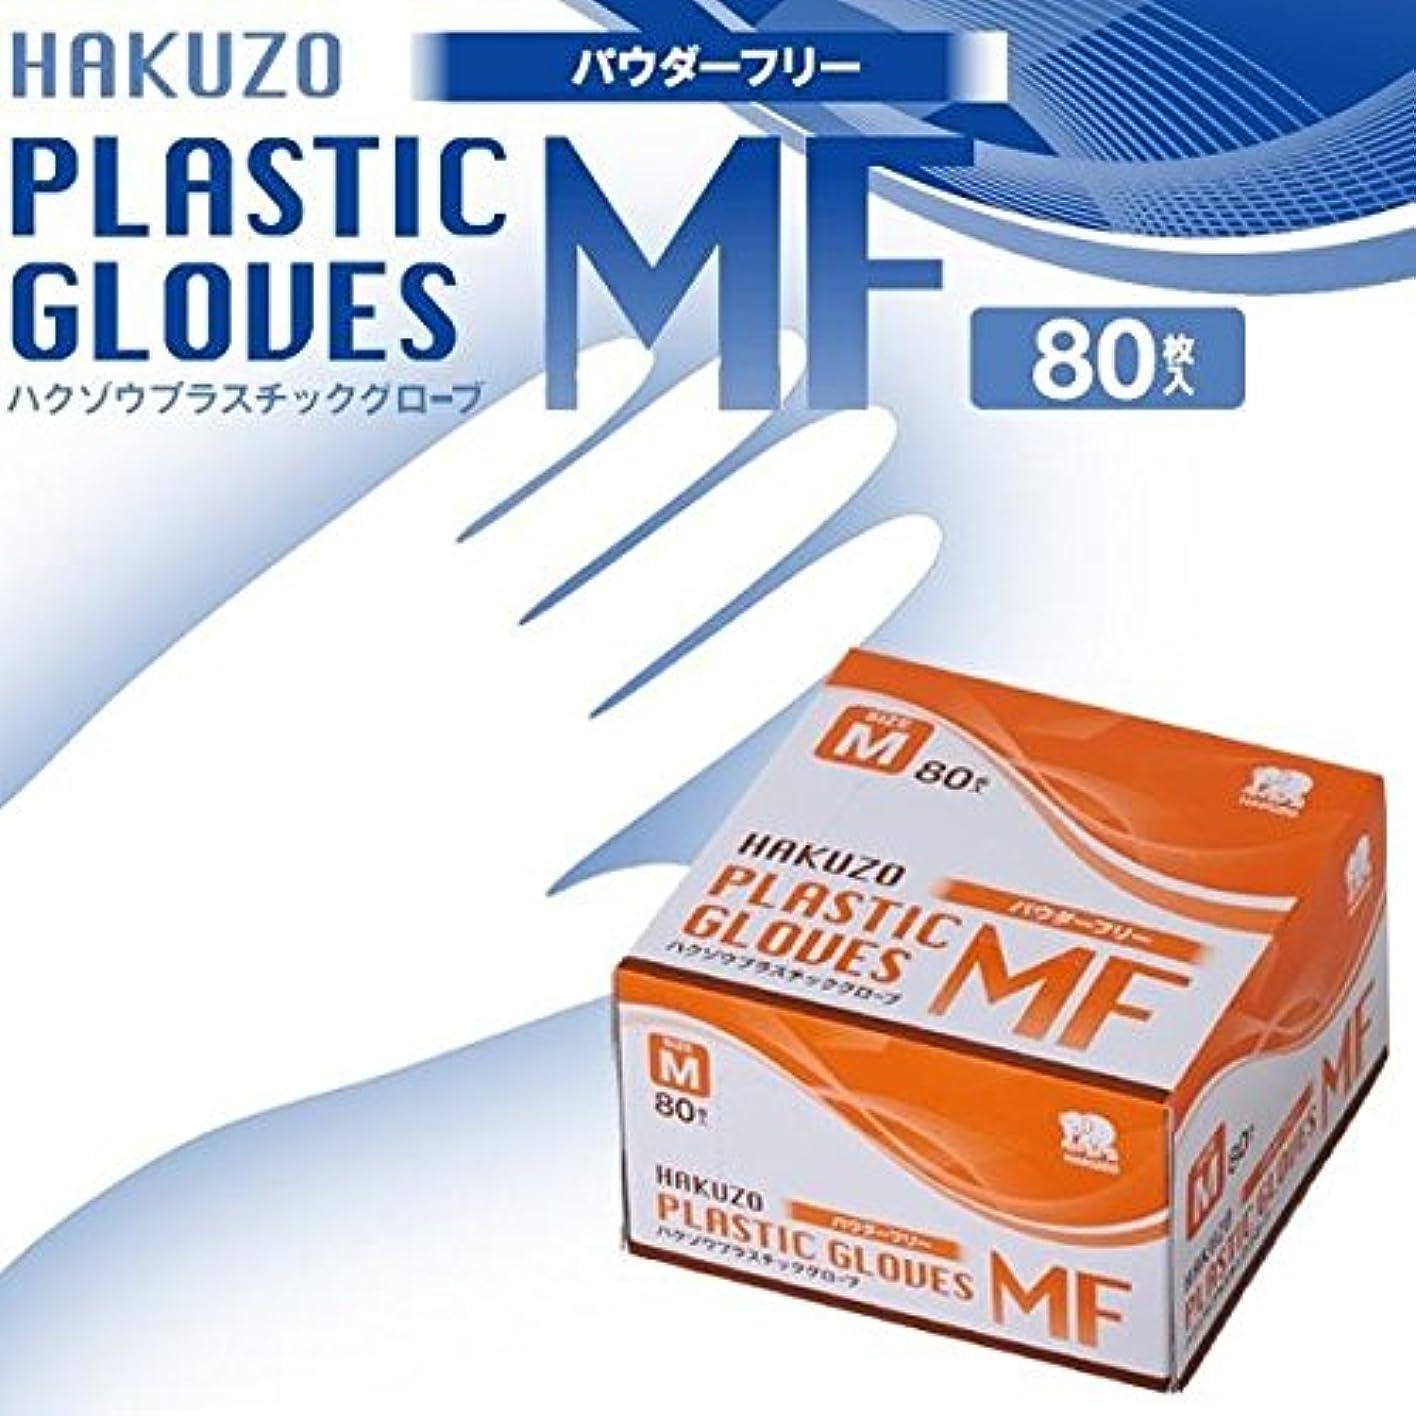 酸すごいはがきハクゾウ プラスチックグローブMF パウダーフリー M 80枚入×6箱セット